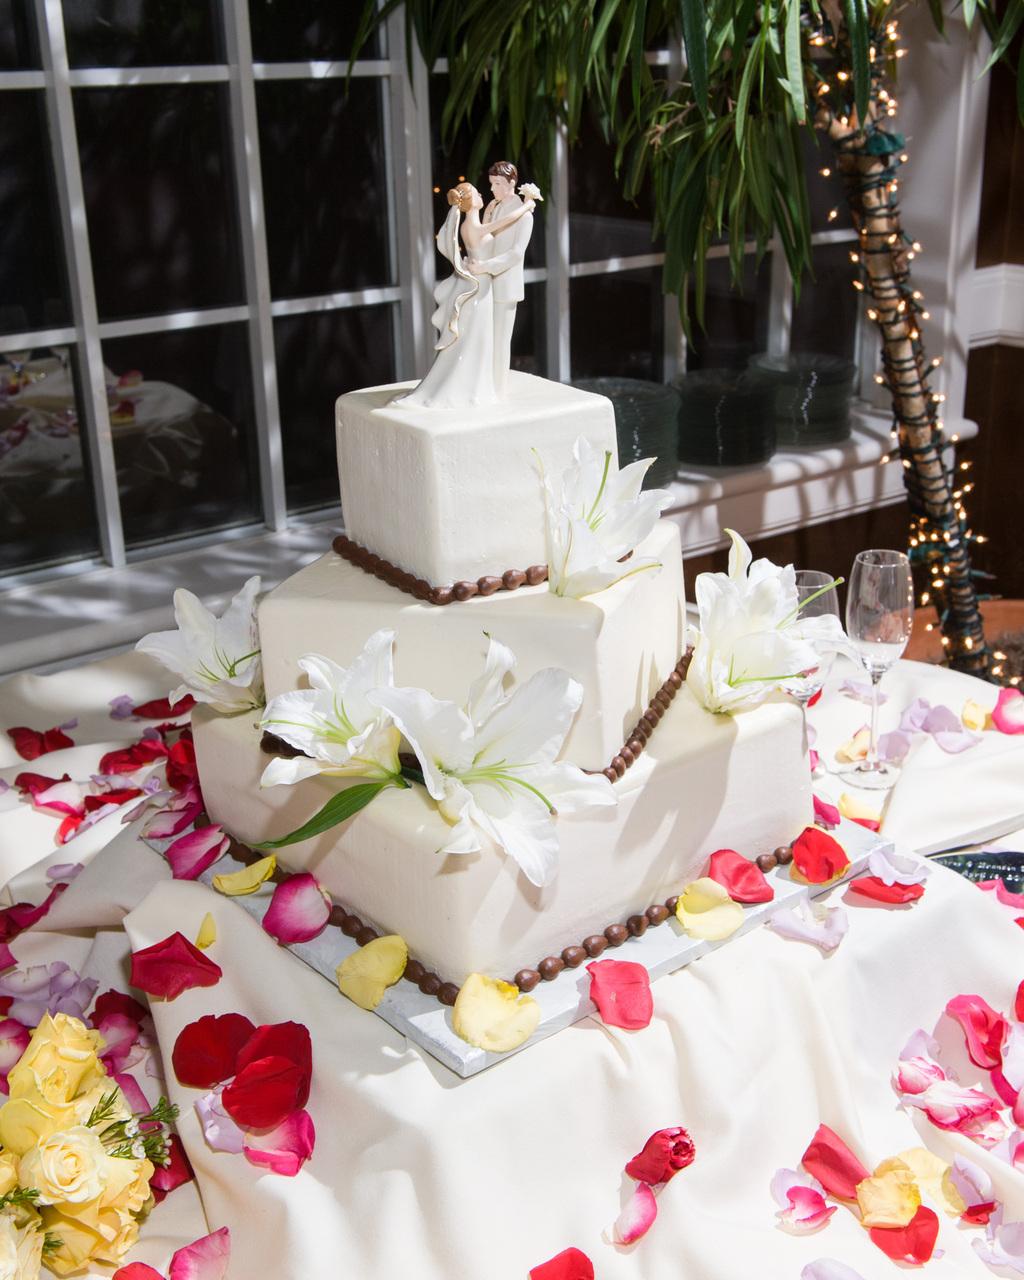 Houston_wedding_photographerjdl_3174.full